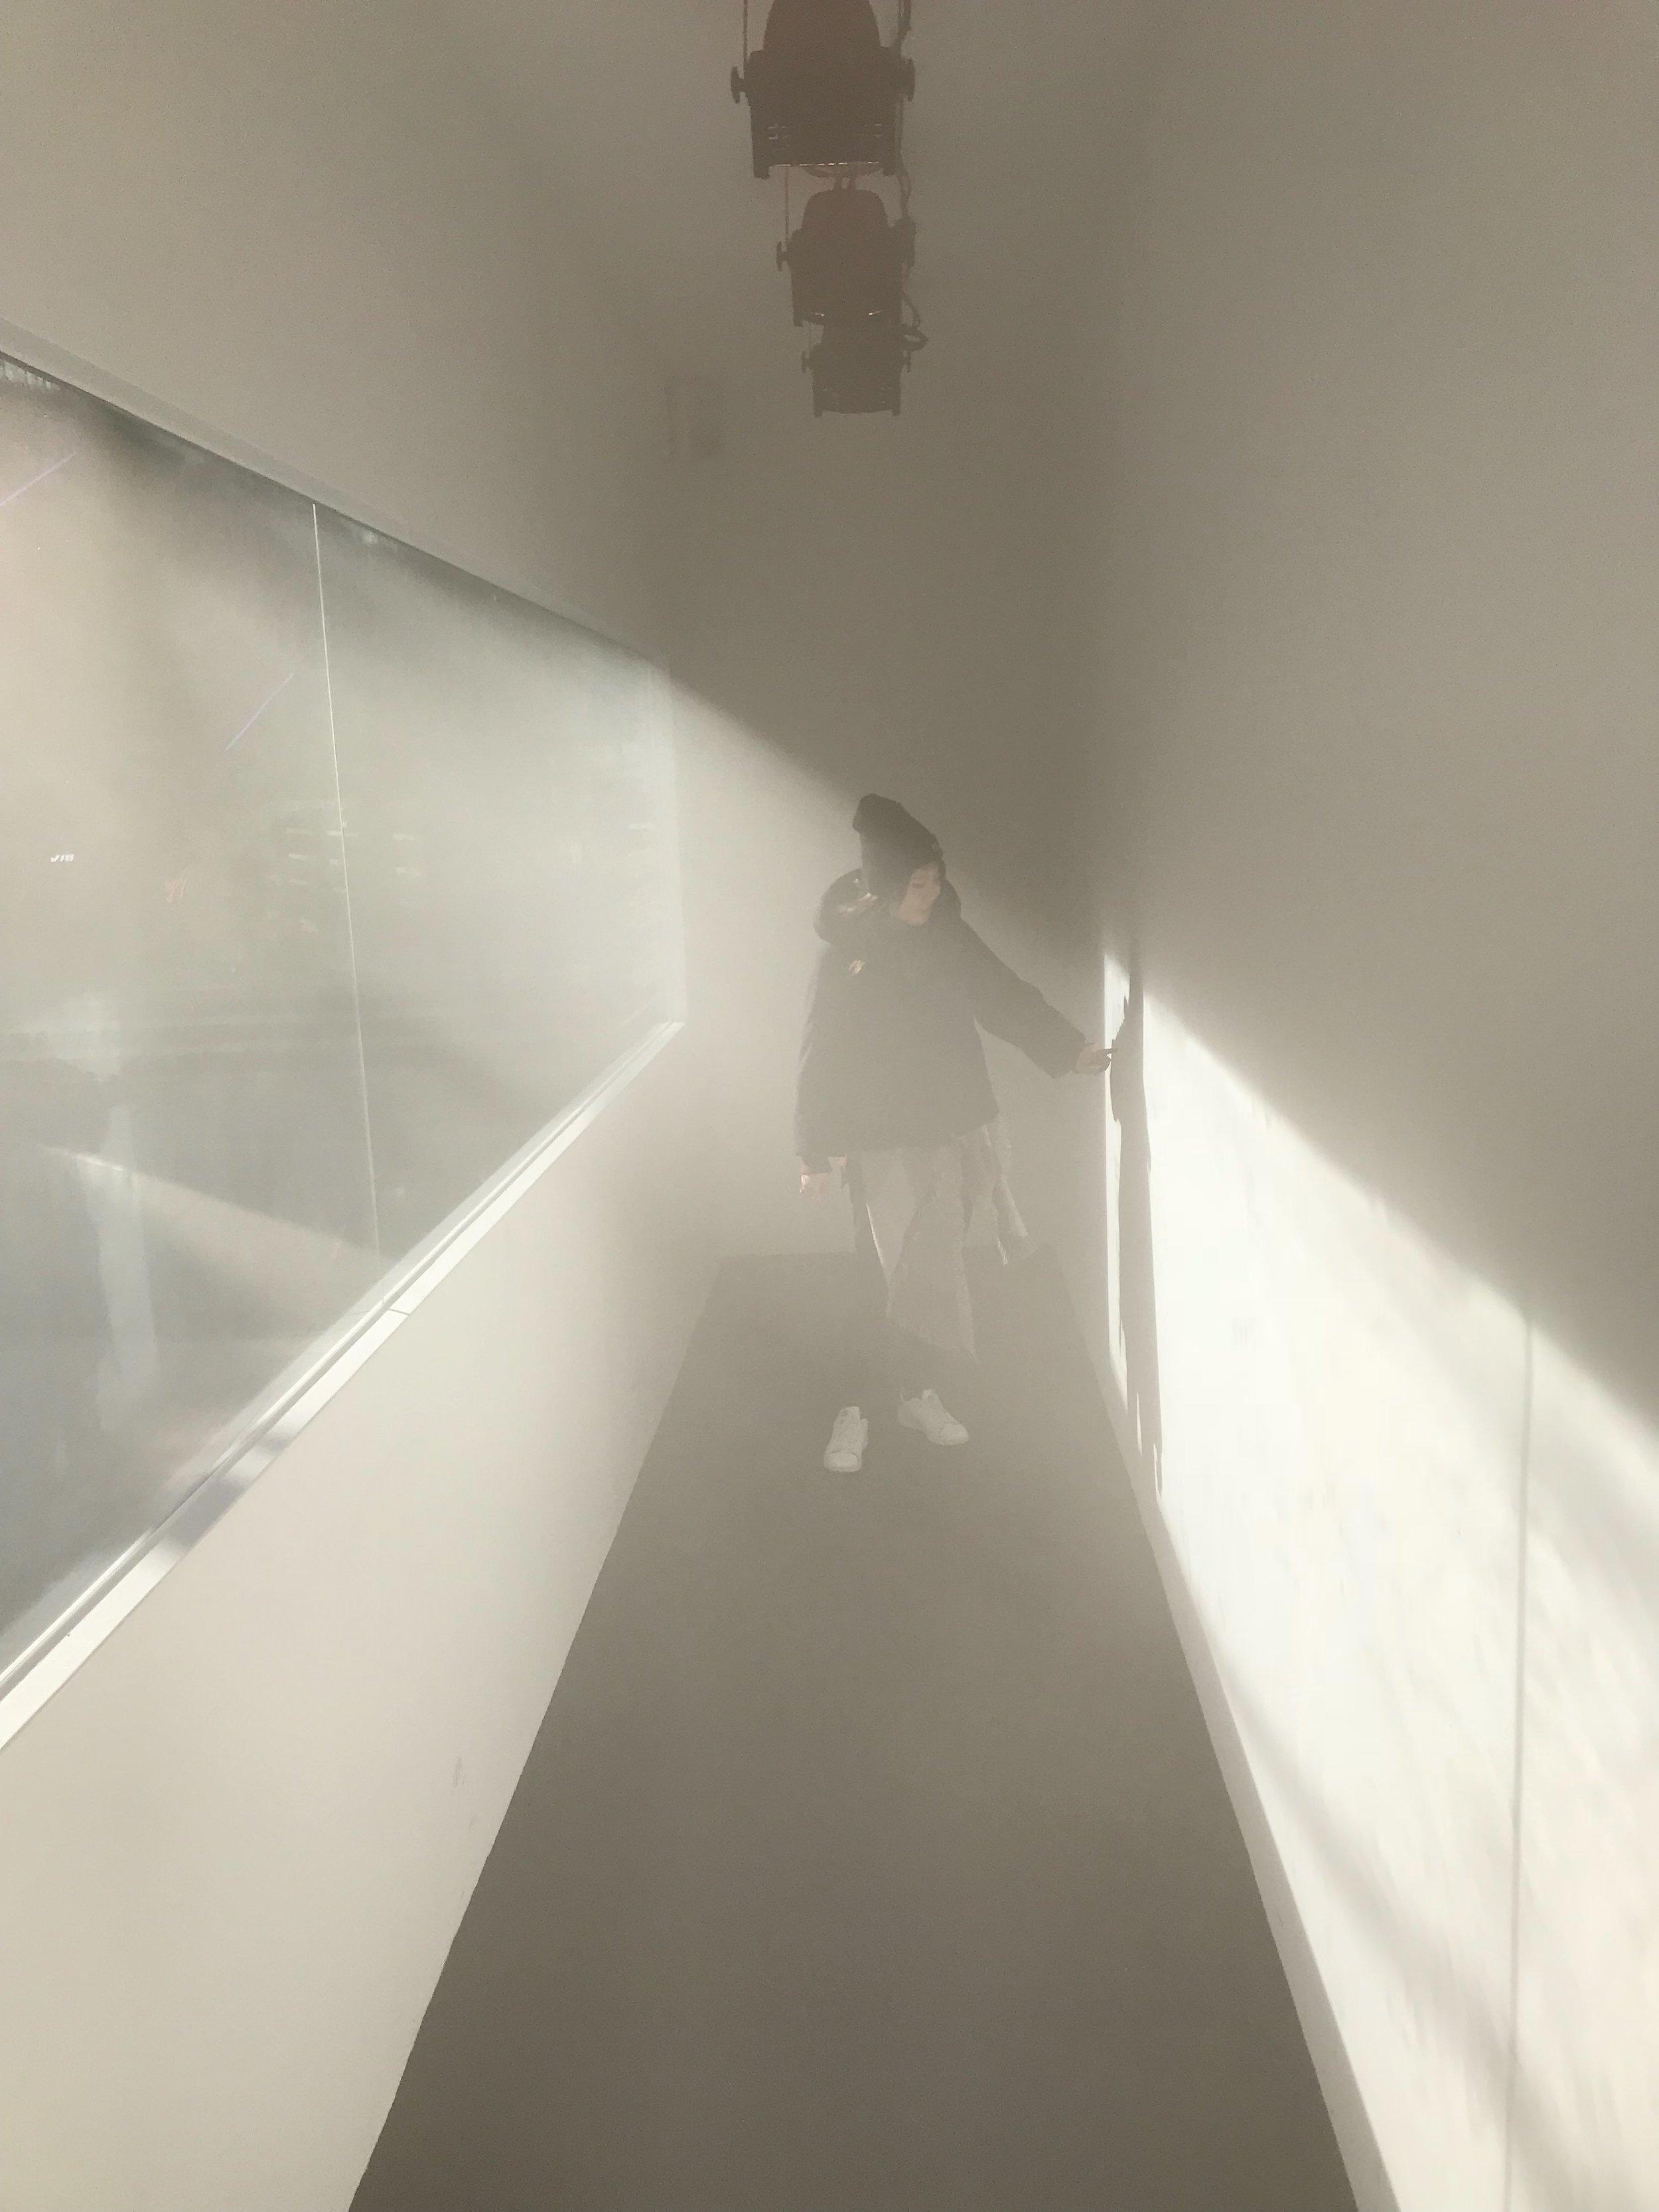 Dr. Jart - Into the mist